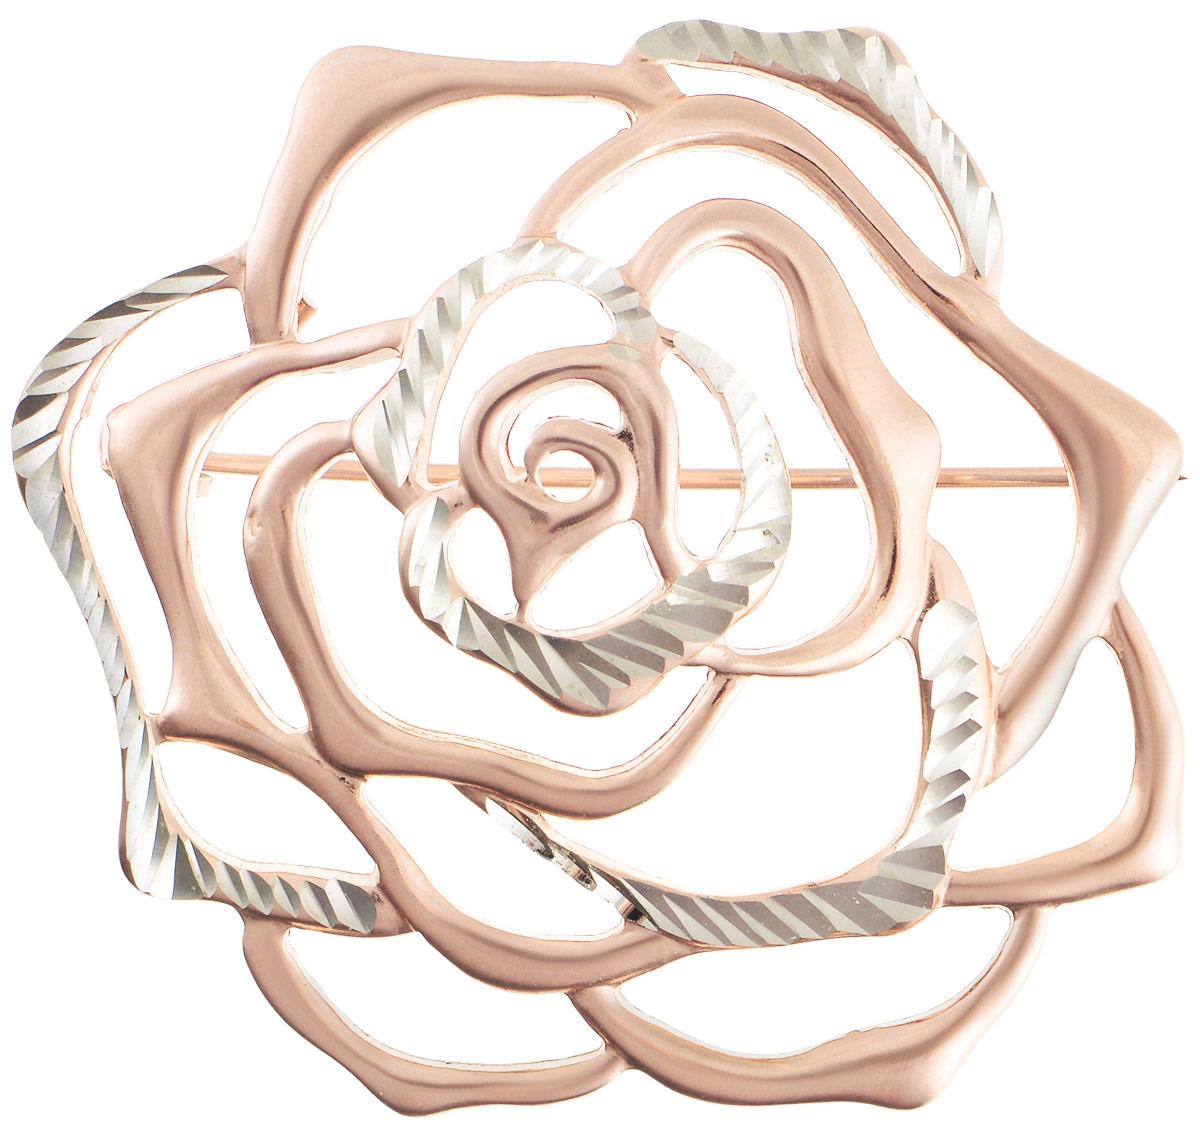 Брошь Vittorio Richi, цвет: золотистый. 91557686vr91557686vrБрошь Vittorio Richi изготовлена из металла с гальваническим покрытием из золота. Декоративный элемент выполнен в виде розы. Изделие застегивается с помощью замка-булавки.